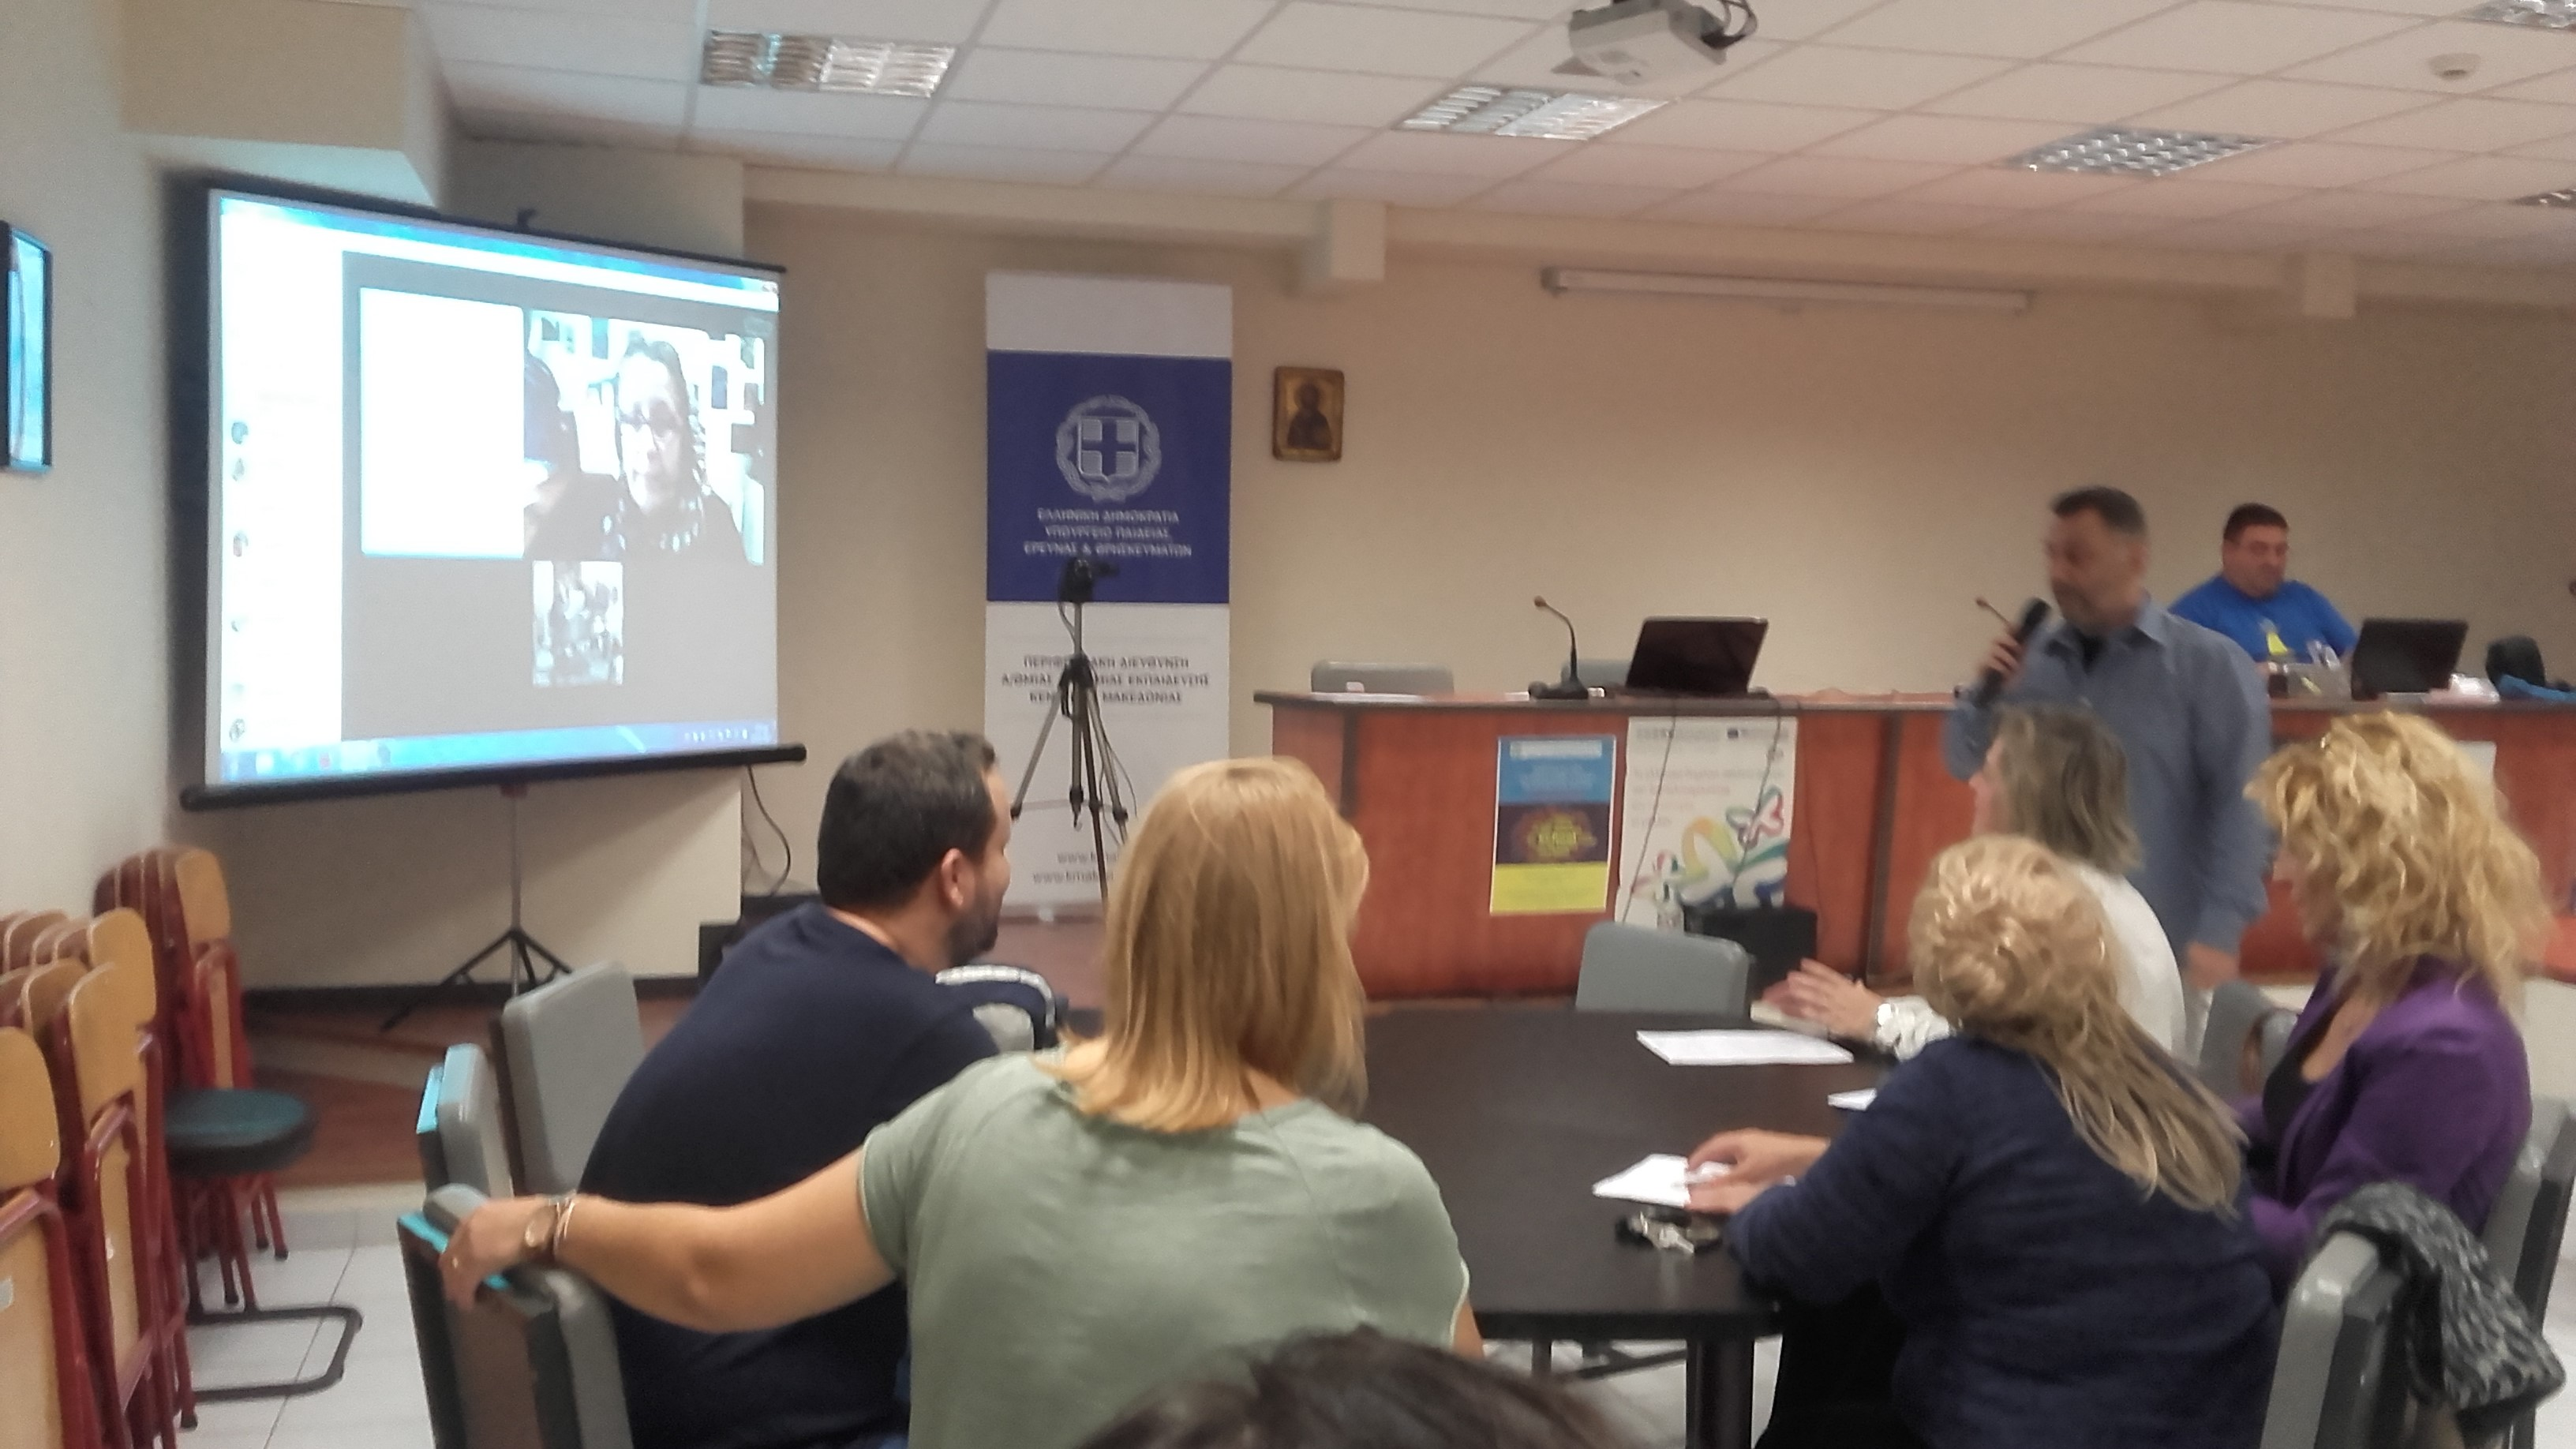 Το 4ο Μαθητικό Συμπόσιο ΑSPnet UNESCO στο 2ο ΓΕΛ Σερρών